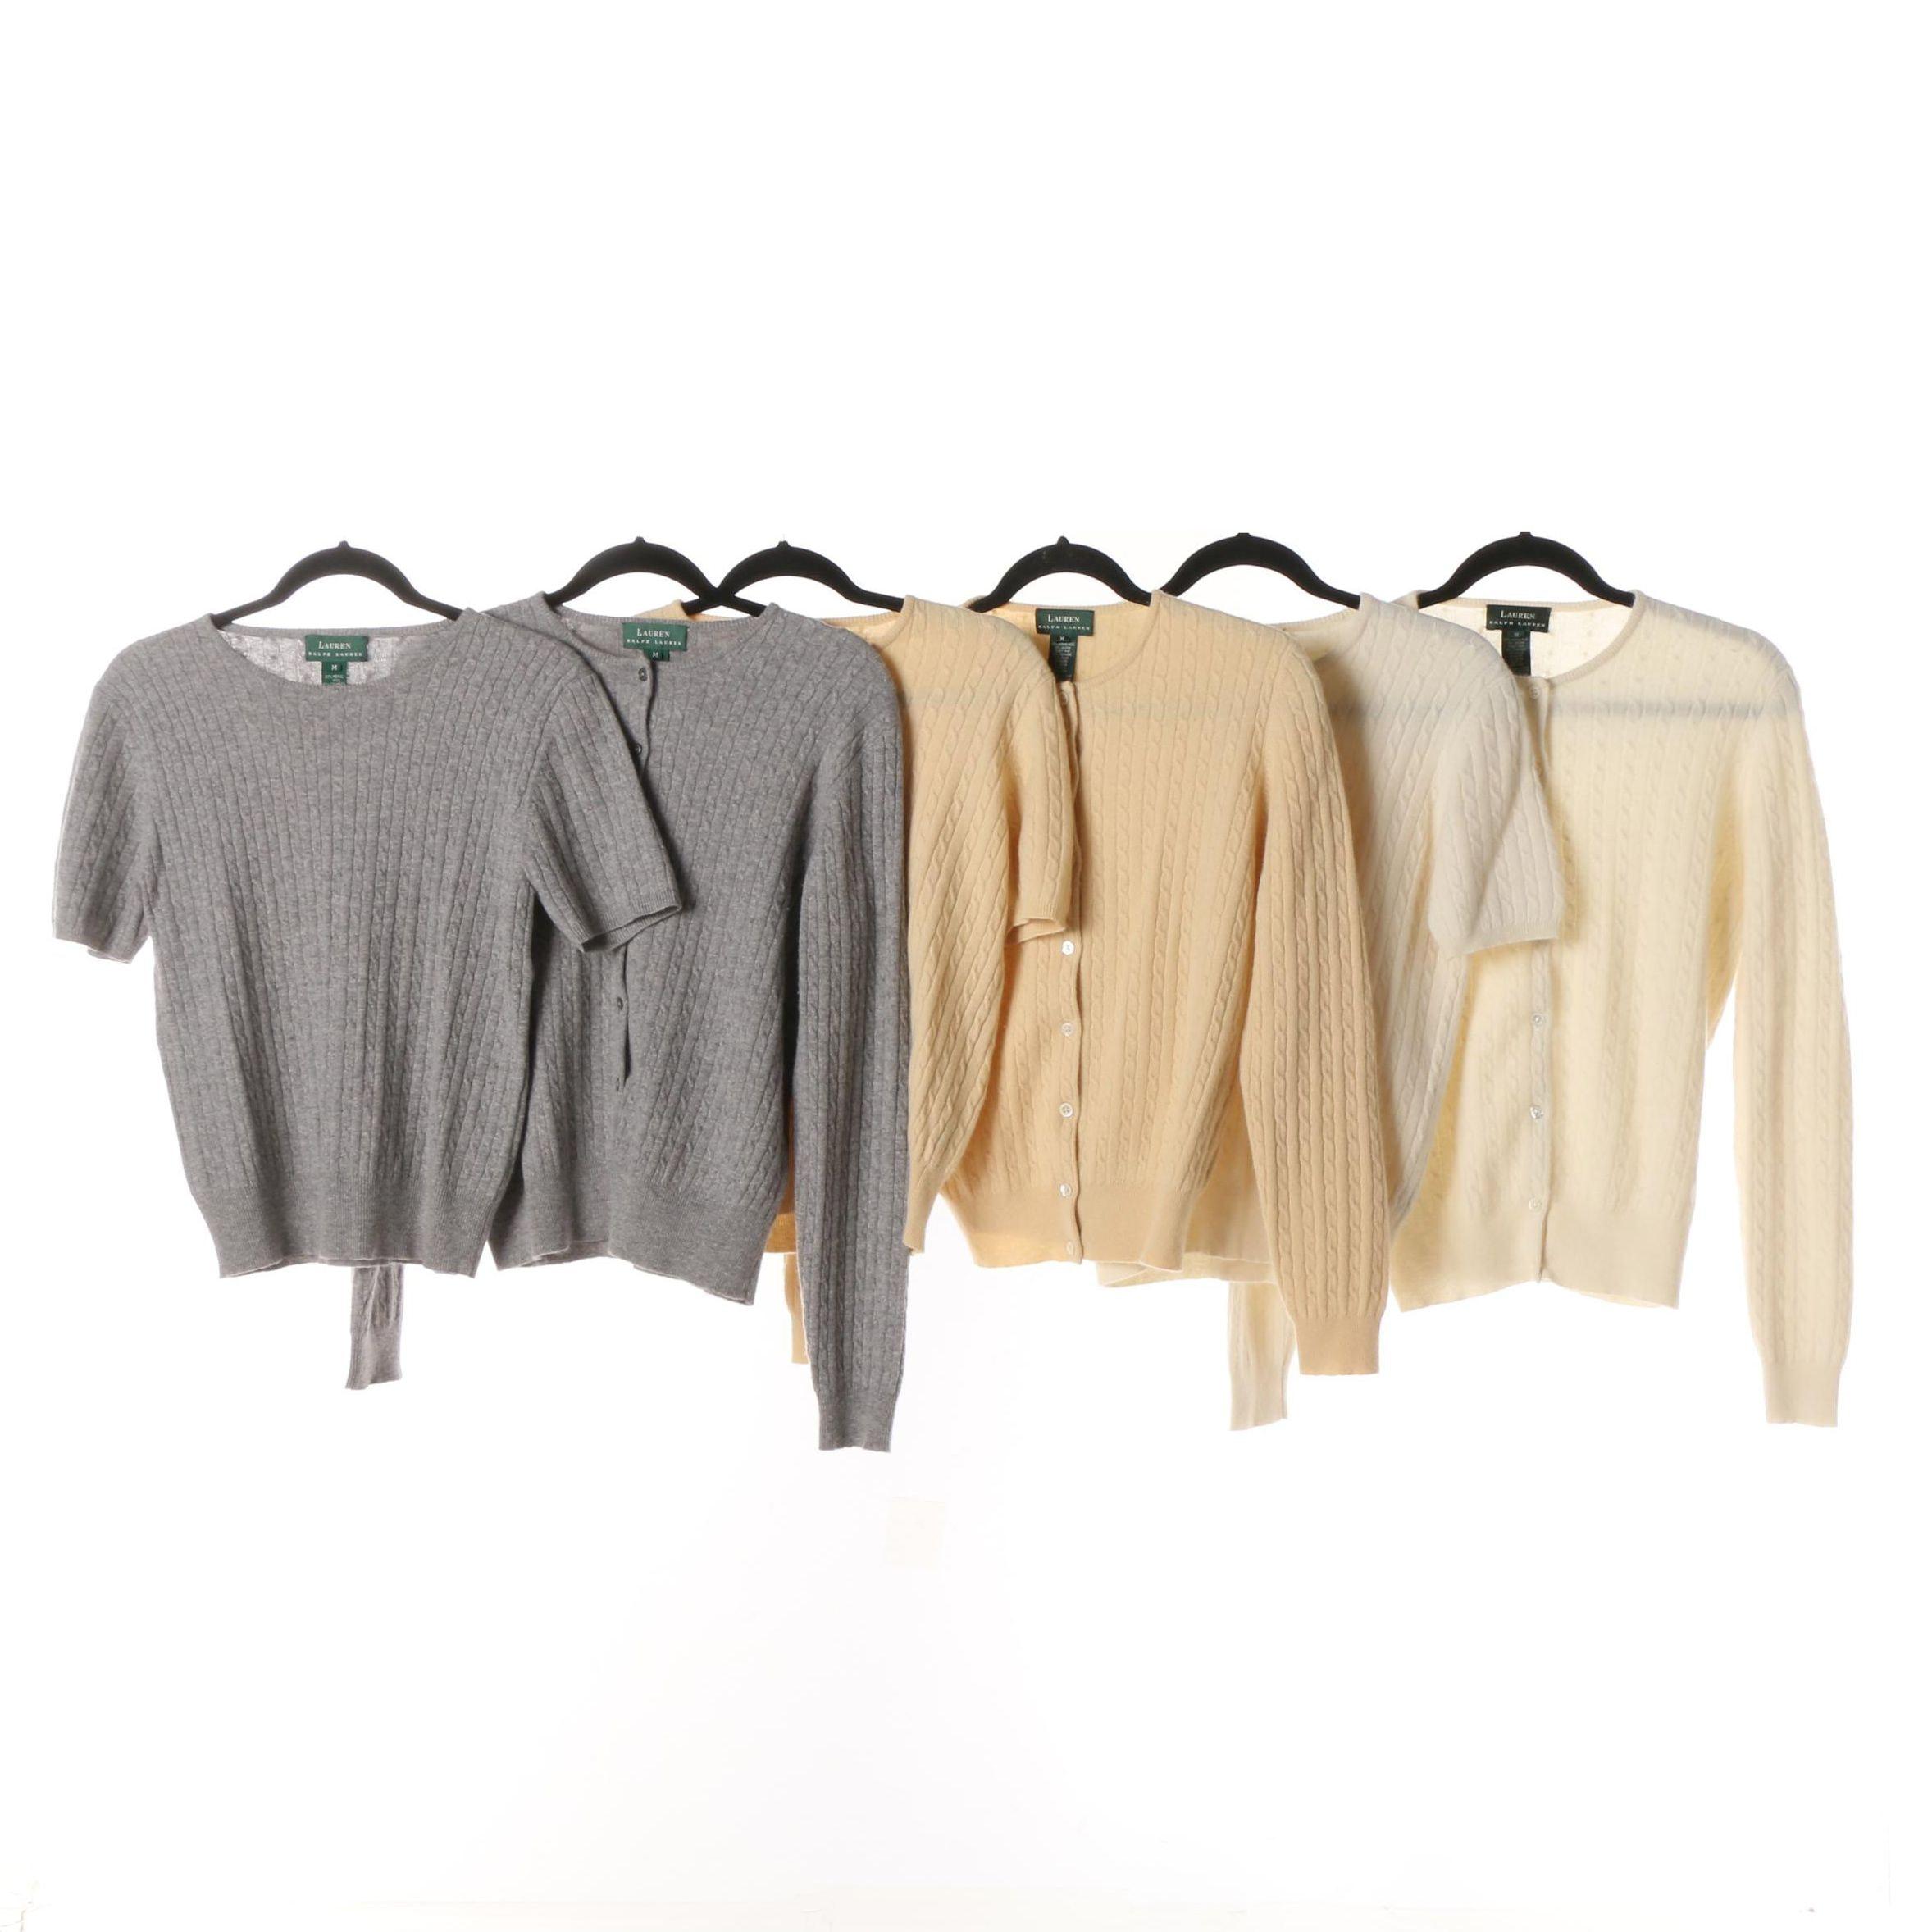 Lauren Ralph Lauren Woolcashmere Blend Sweater Sets Ebth